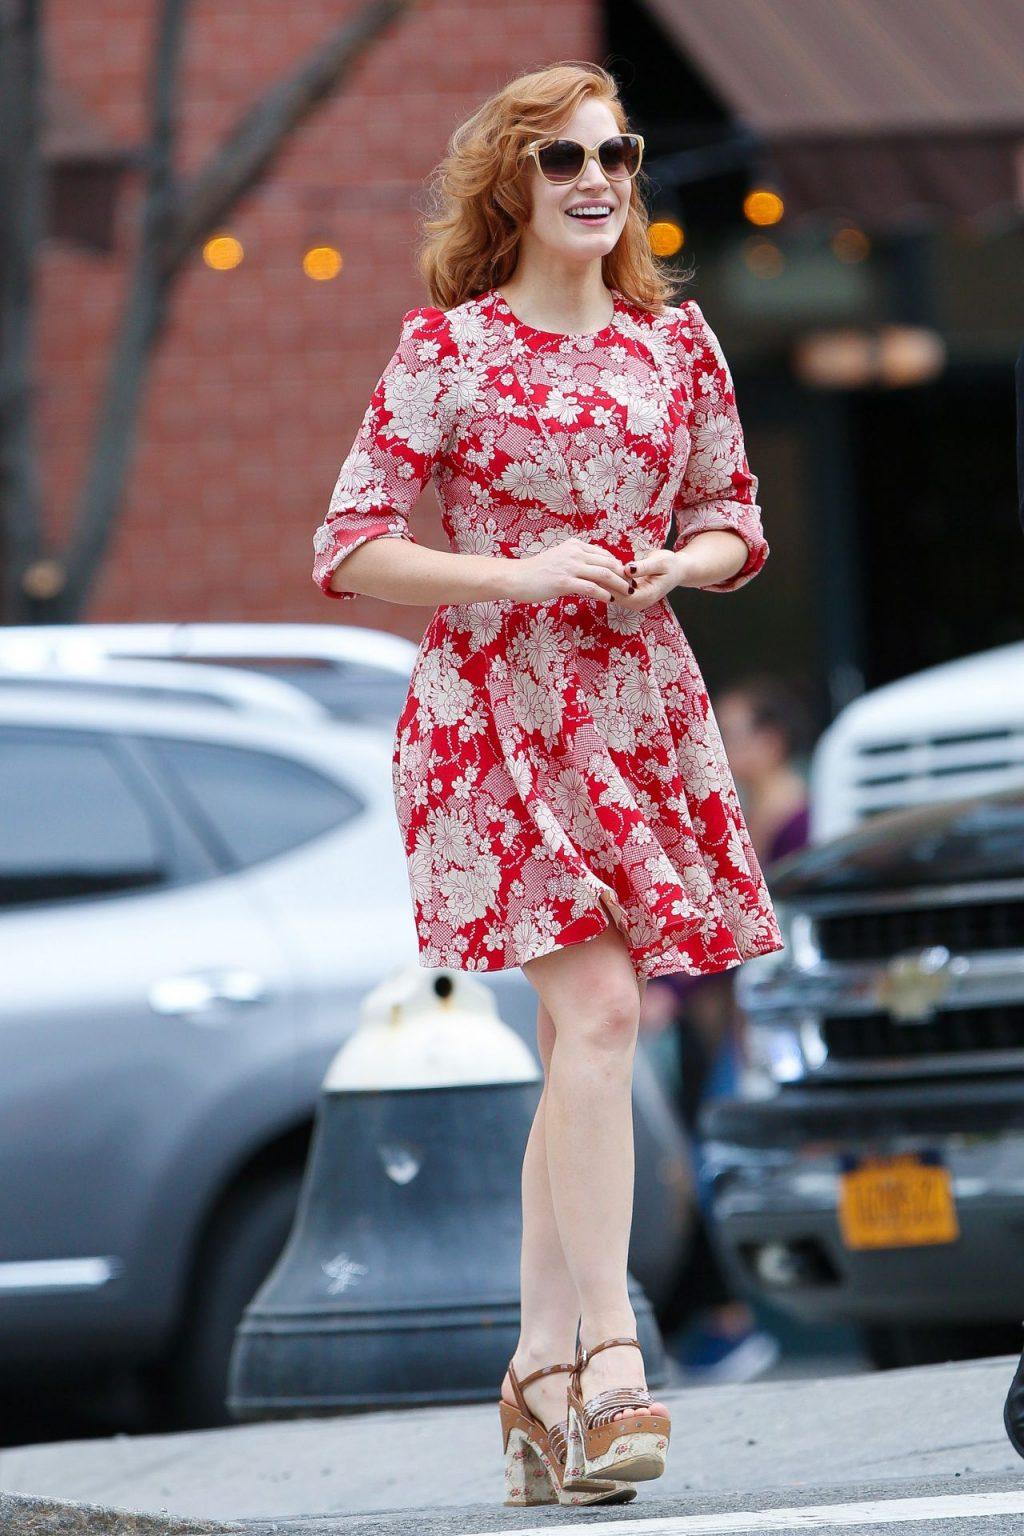 Jessica Chastain mặc đầm họa tiết hoa đỏ, kính mát gọng lớn, giày cao gót màu nâu trên đường phố cannes